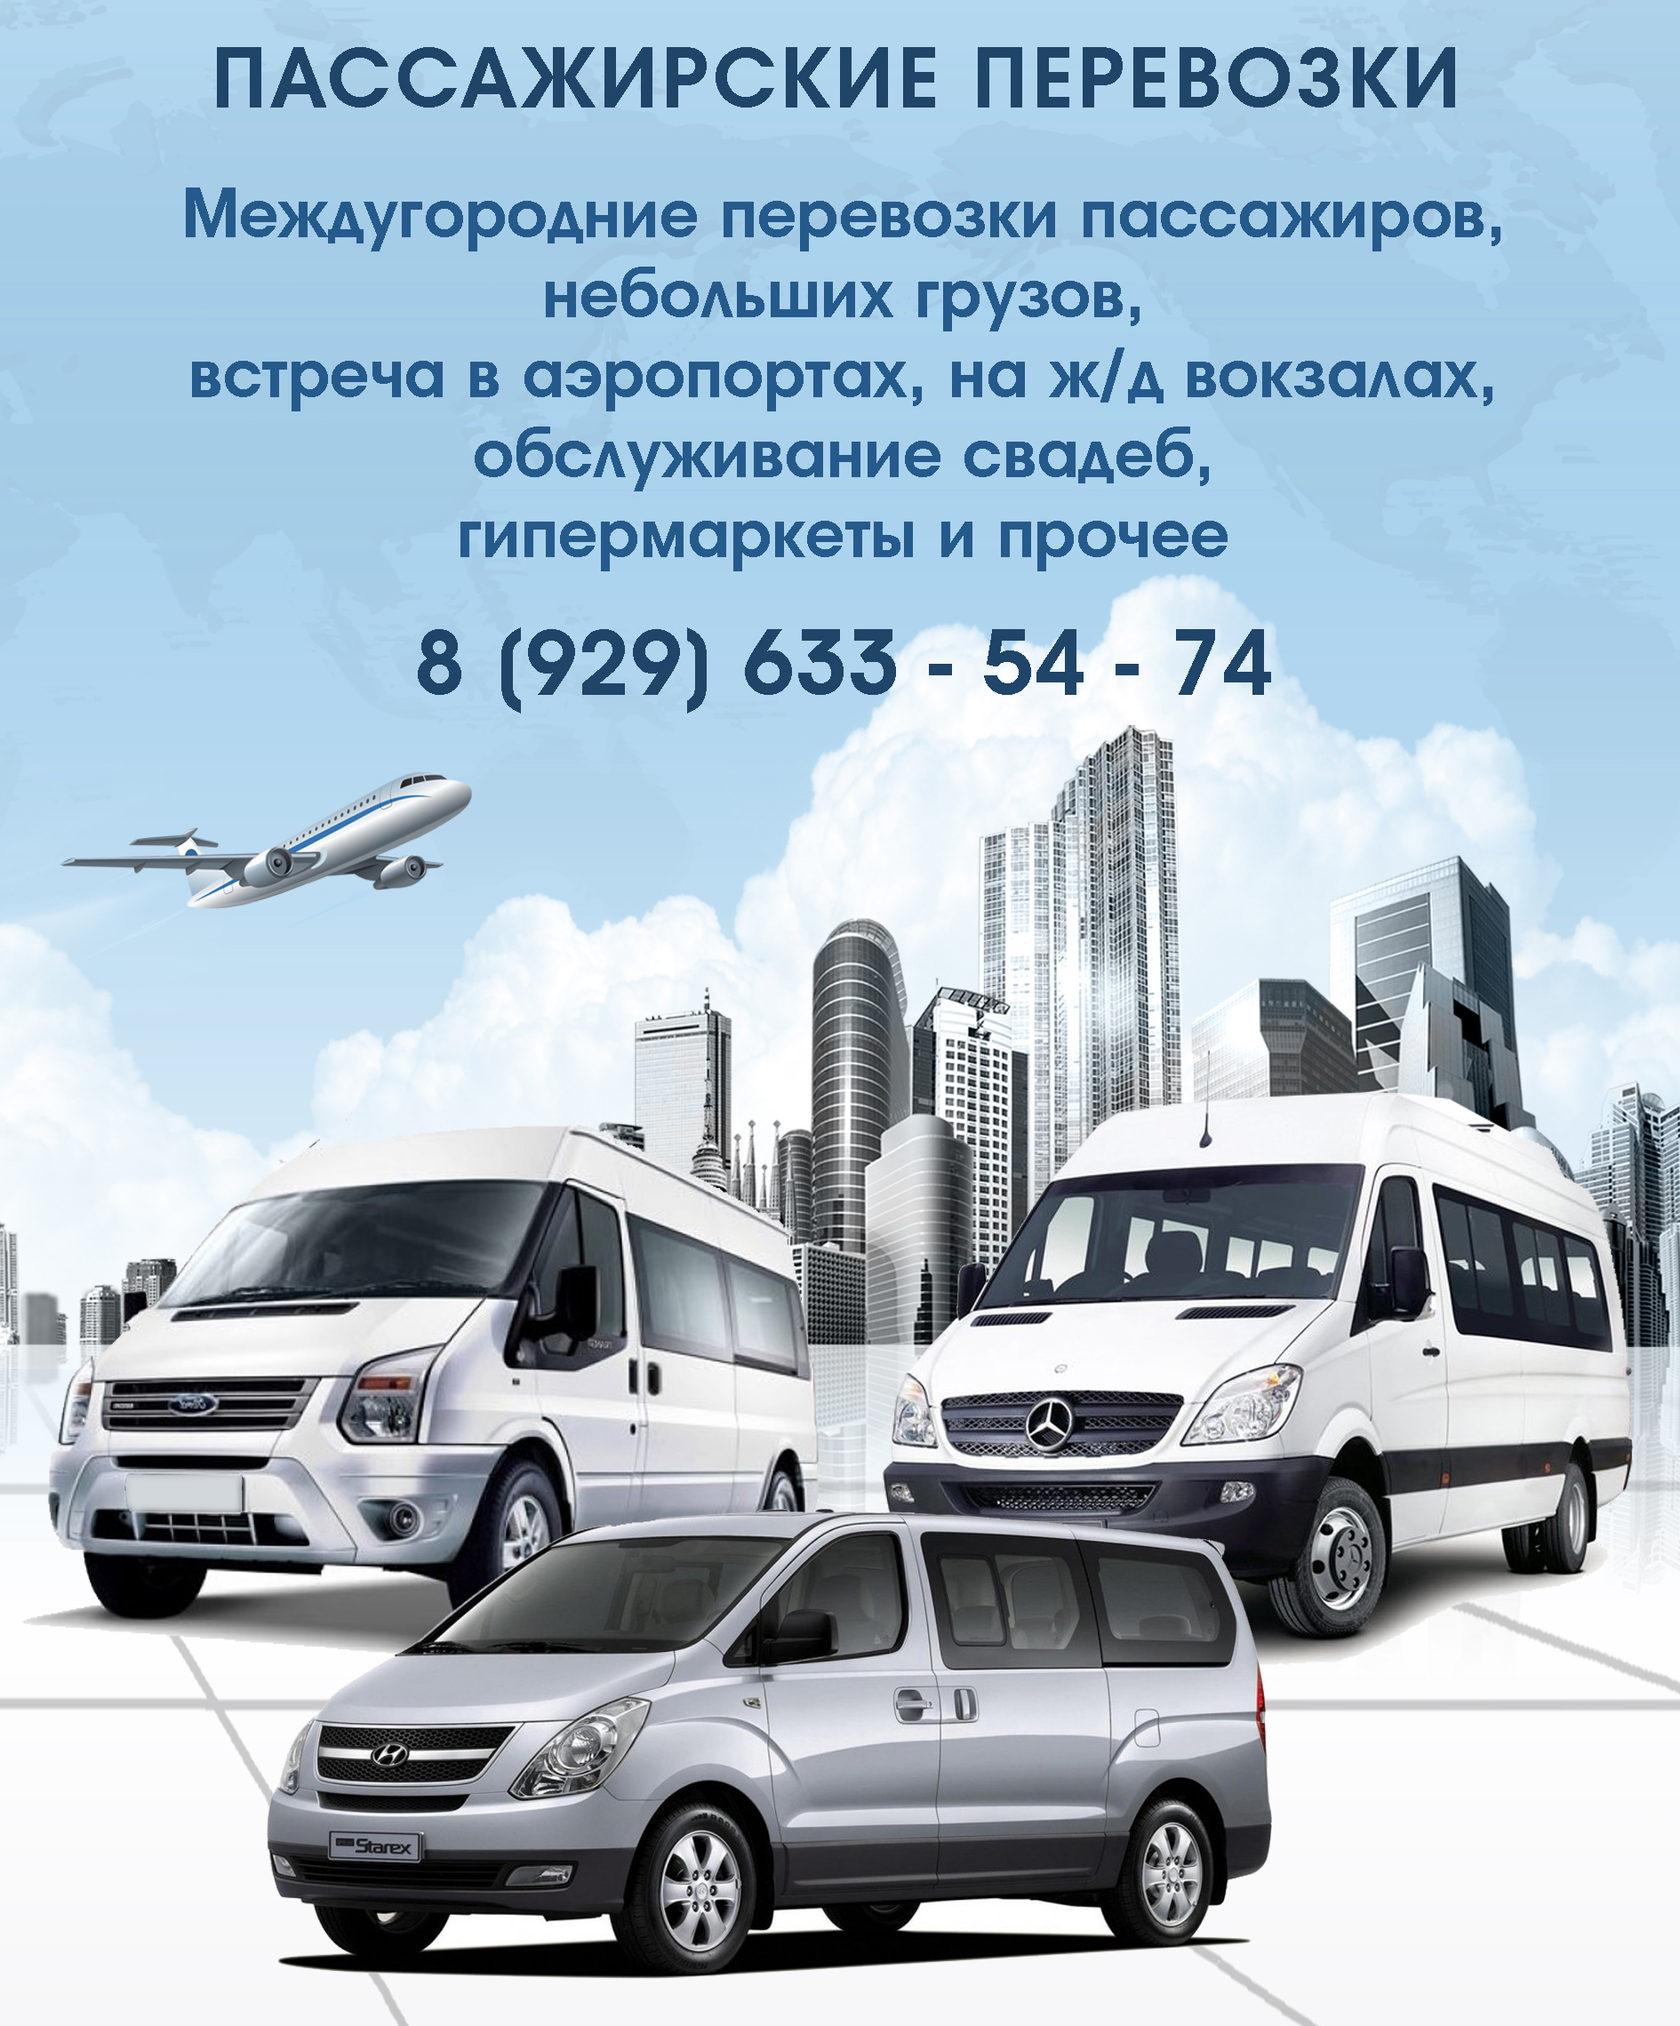 О компании пассажирские перевозки пассажирские перевозки авито курск